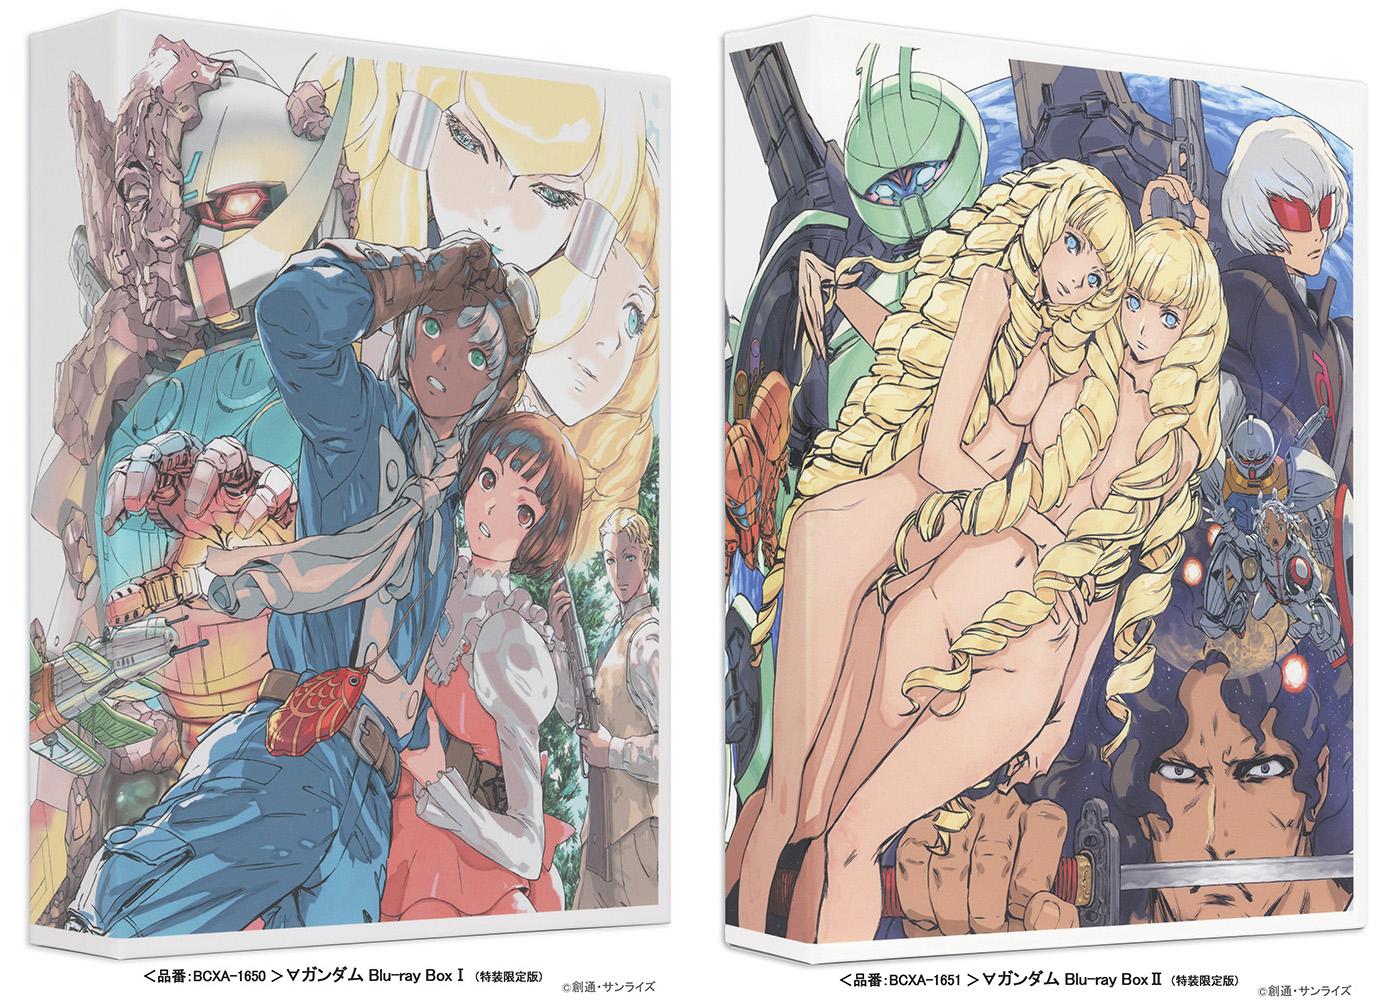 劇場版『Gのレコンギスタ Ⅲ』「宇宙からの遺産」公開記念!『∀ガンダム』Blu-ray Box(全2巻)期間限定生産版と同仕様・同価格の特装限定版で2021年9月28日発売決定!